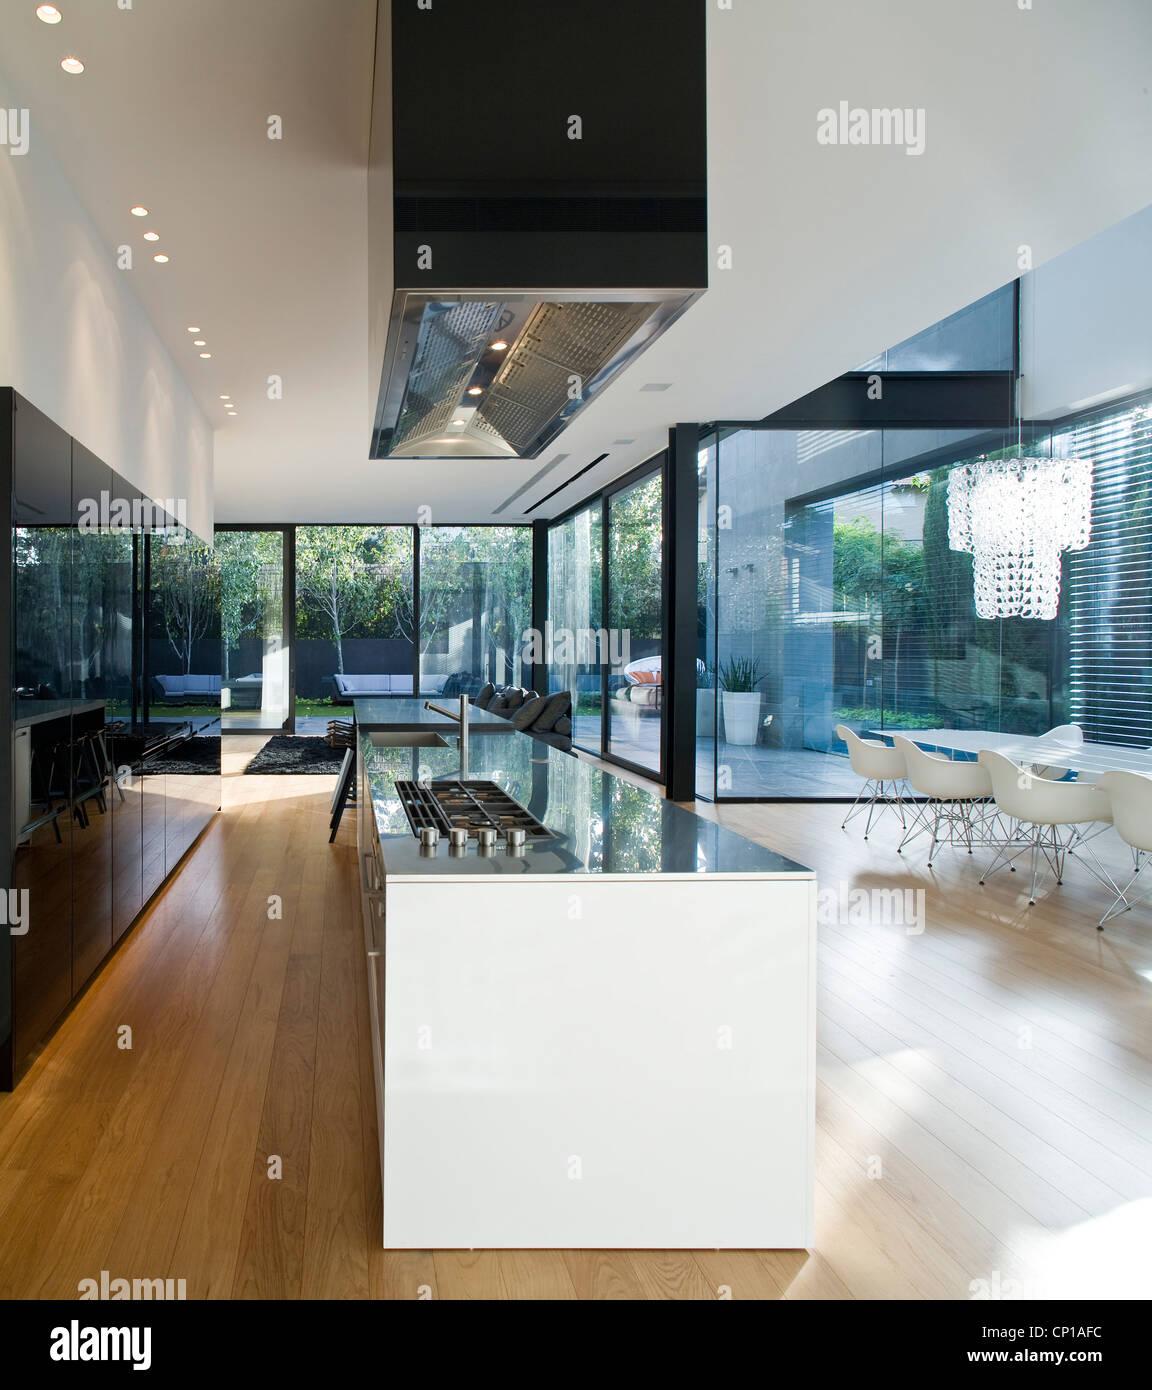 Intérieur de maison moderne en verre. Cuisine ouverte avec l ...